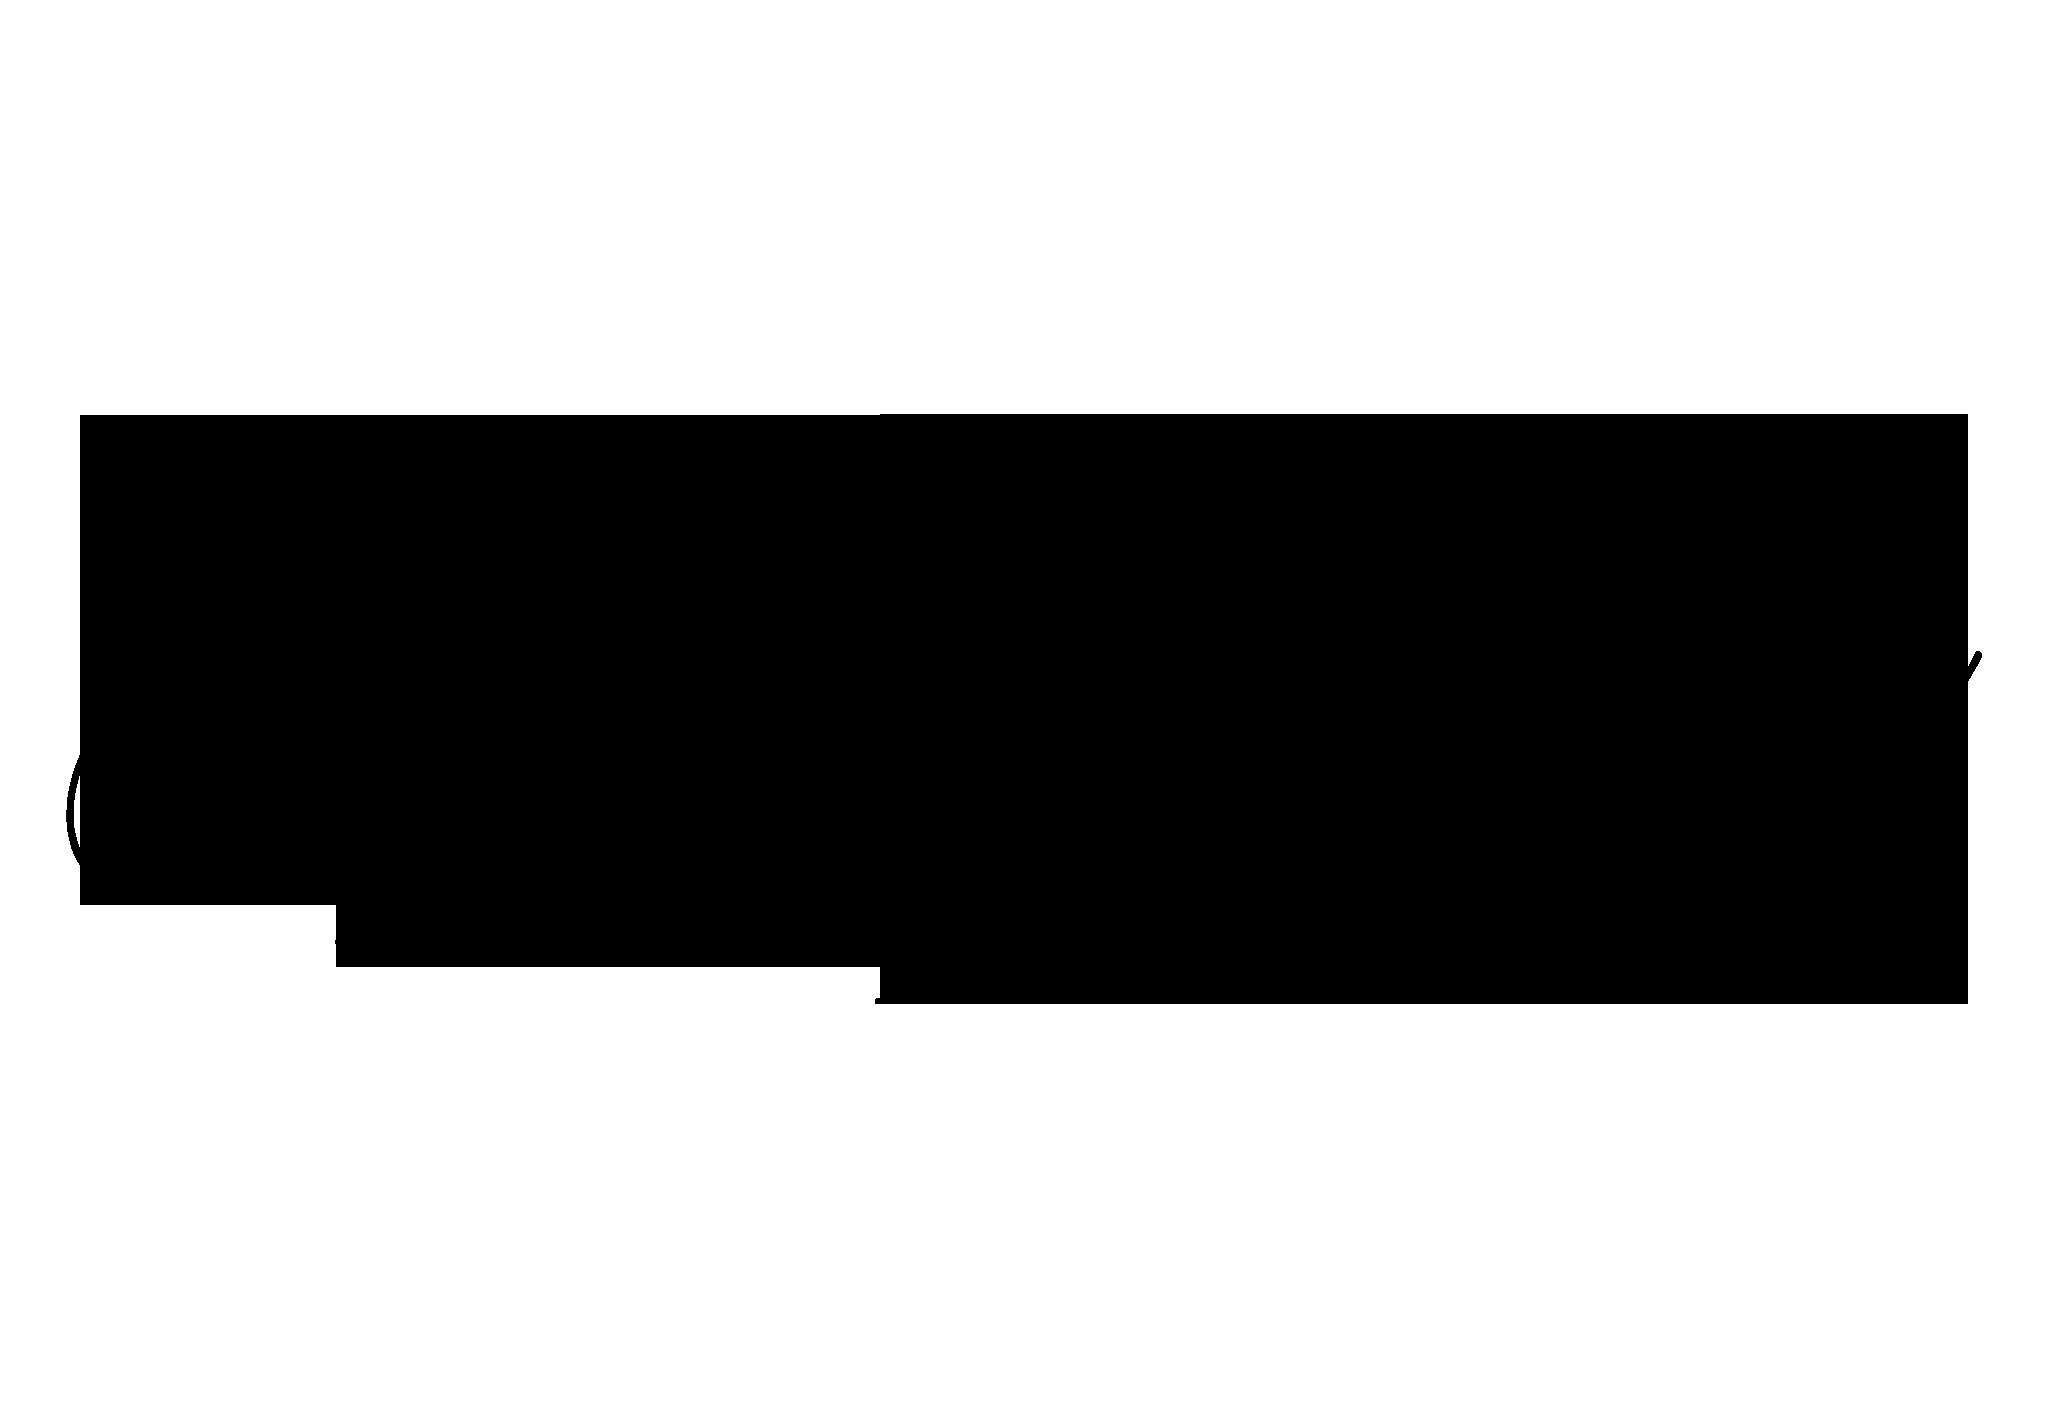 Samo Juvan logo velik black